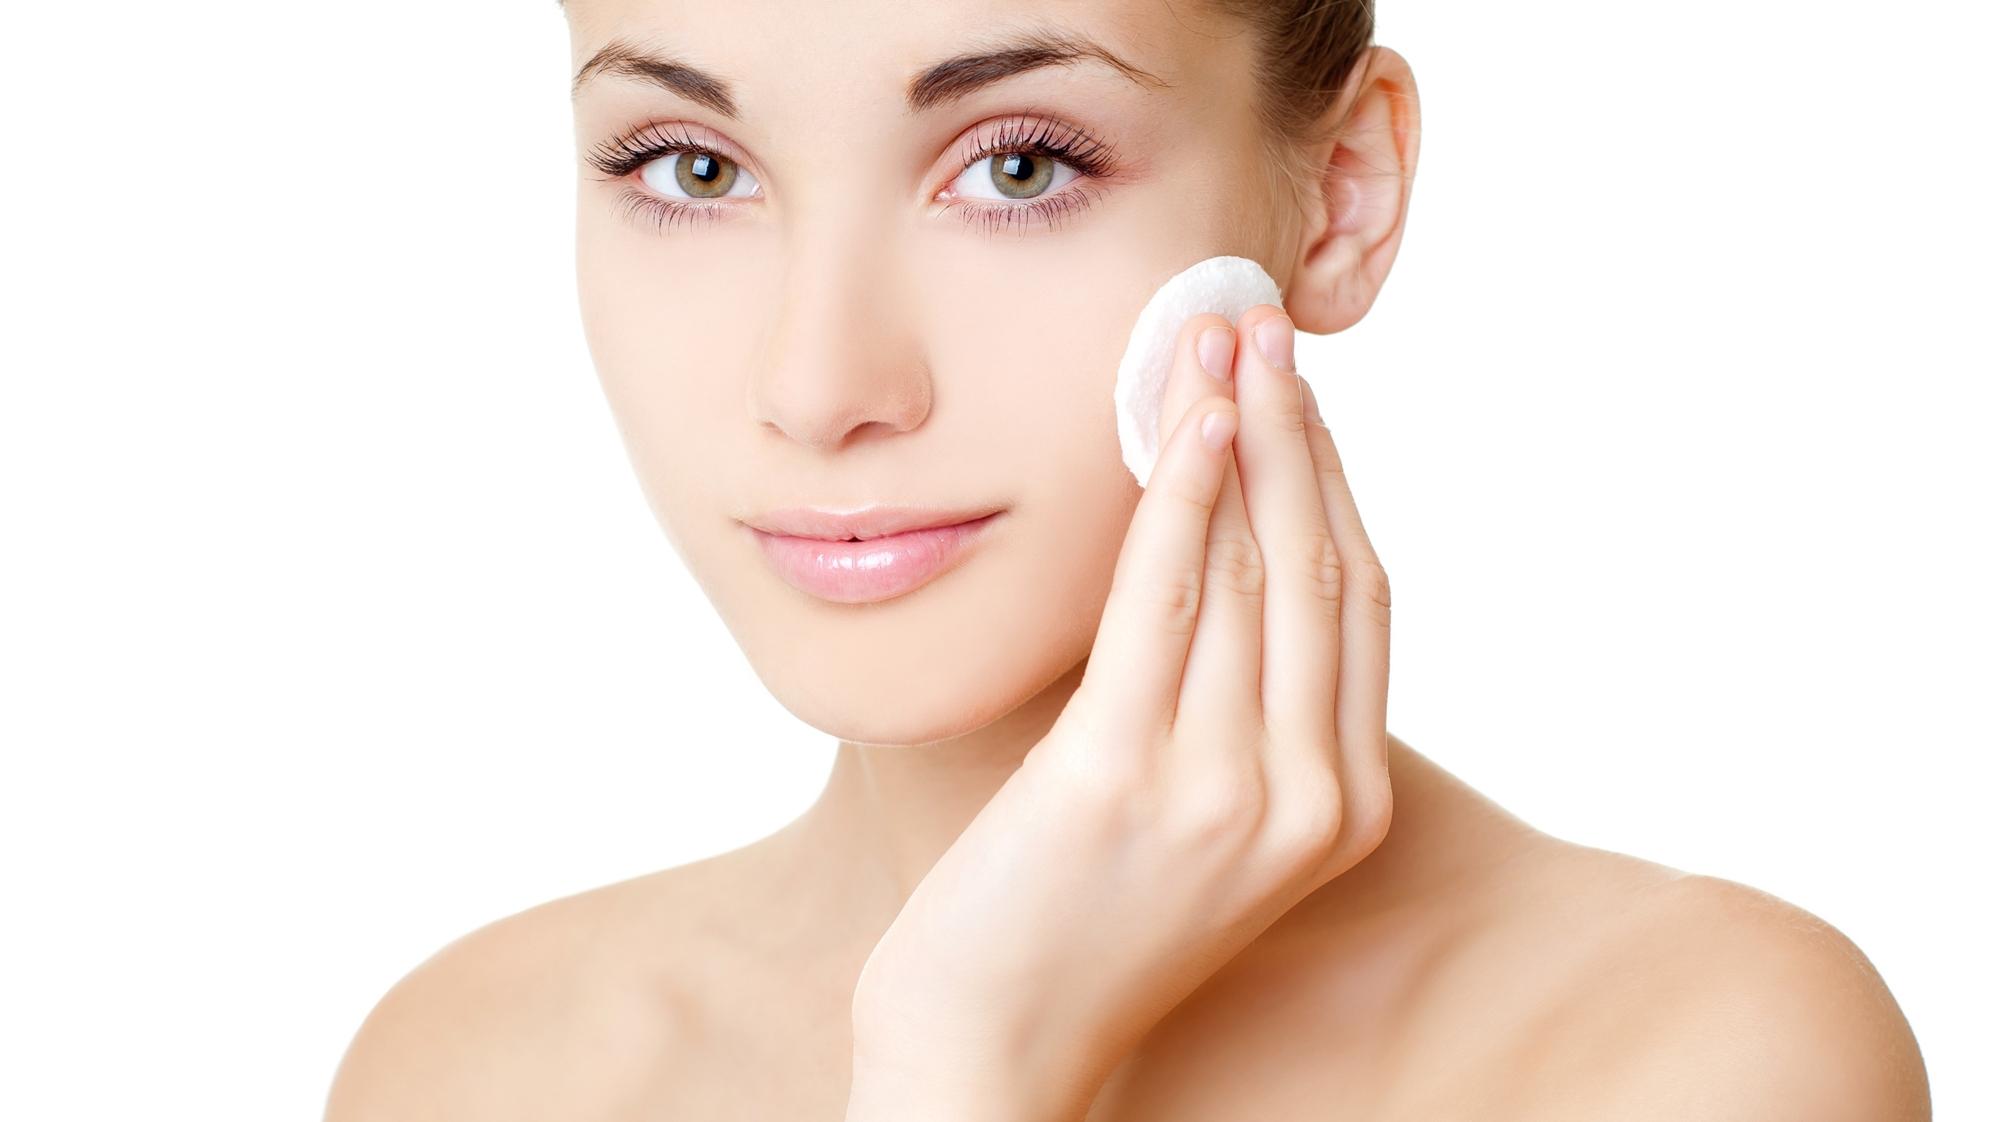 wat te doen tegen zwelling gezicht